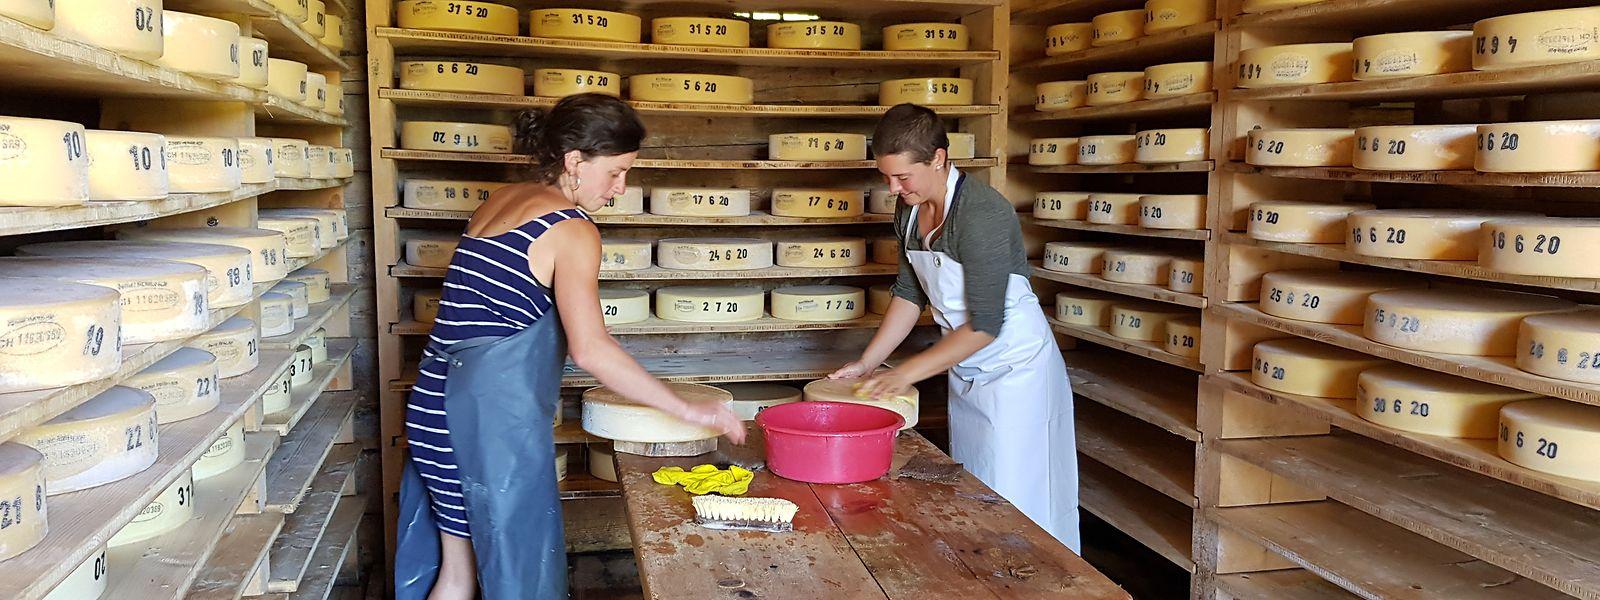 Lotta Bess (28) aus der Nähe von Tübingen und ihre Freundin Jule Fründt (25) aus Marburg wischen in einem Käselager auf einer Schweizer Alp im Berner Oberland die Käselaibe mit Salzwasser ab. Sämtliche Käse in den Regalen haben die beiden selbst gemacht.